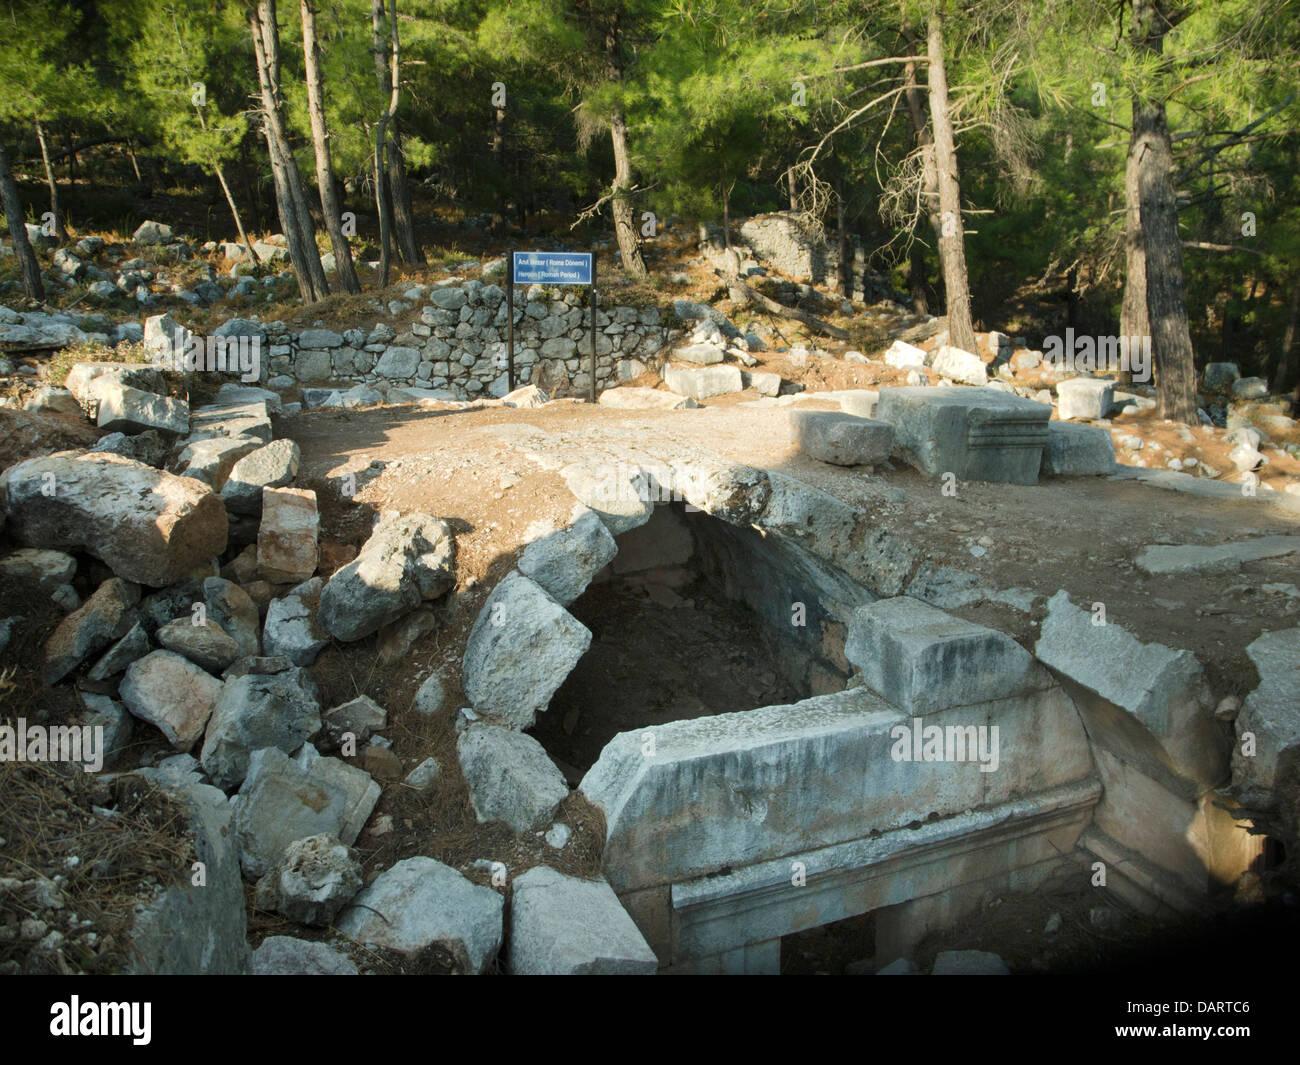 Asien, Türkei, Provinz Mugla, Ausgrabung von Cadianda nördlich von Fethiye bei Yesil Üzümlü. - Stock Image